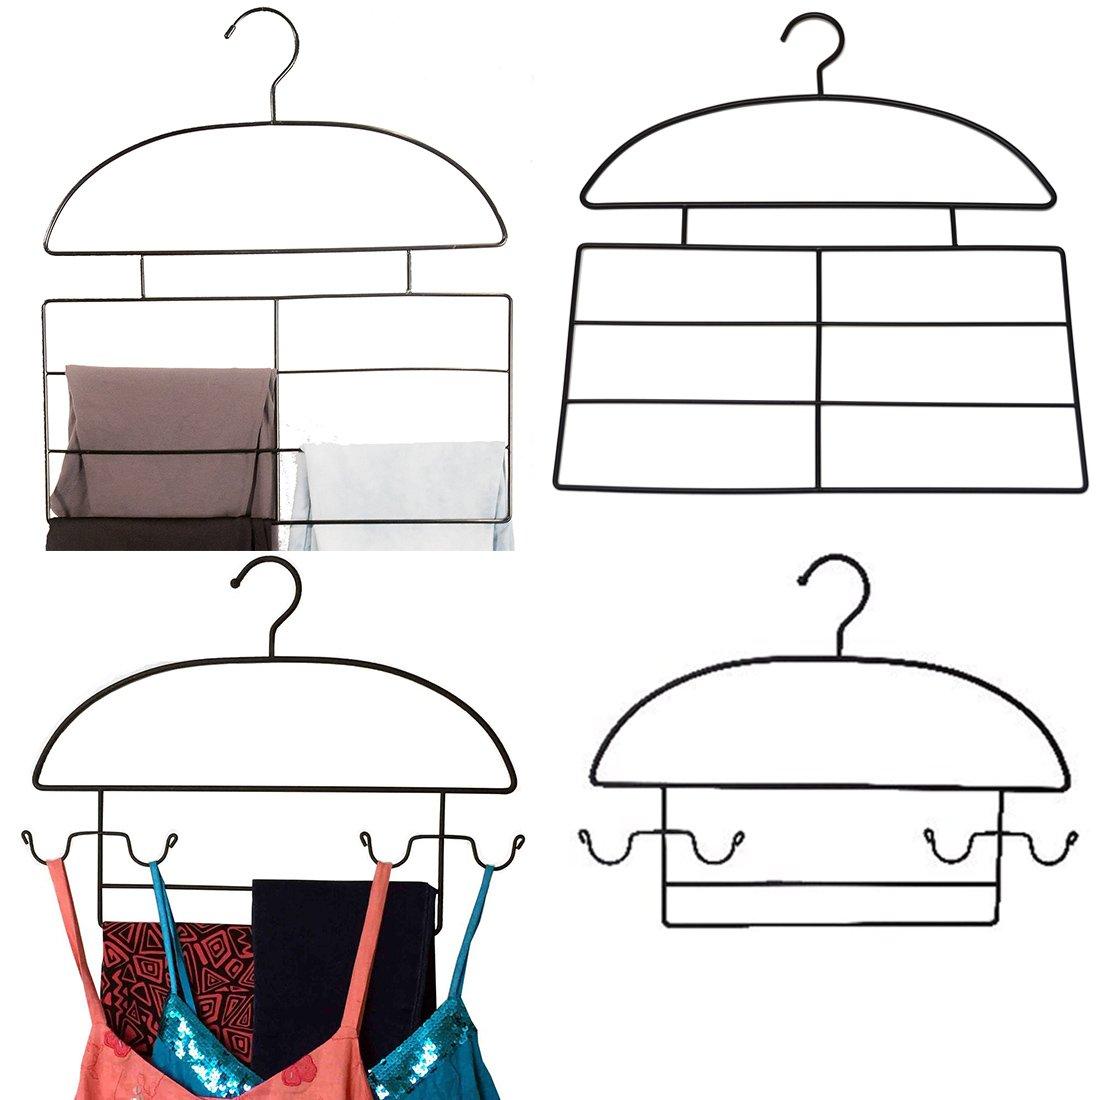 軸レディース衣類ハンガーオーガナイザーバンドル – 4-hangerコンボセットforレギンス、Jeggings、とワークアウト服装、4-hangers B079XN8B63